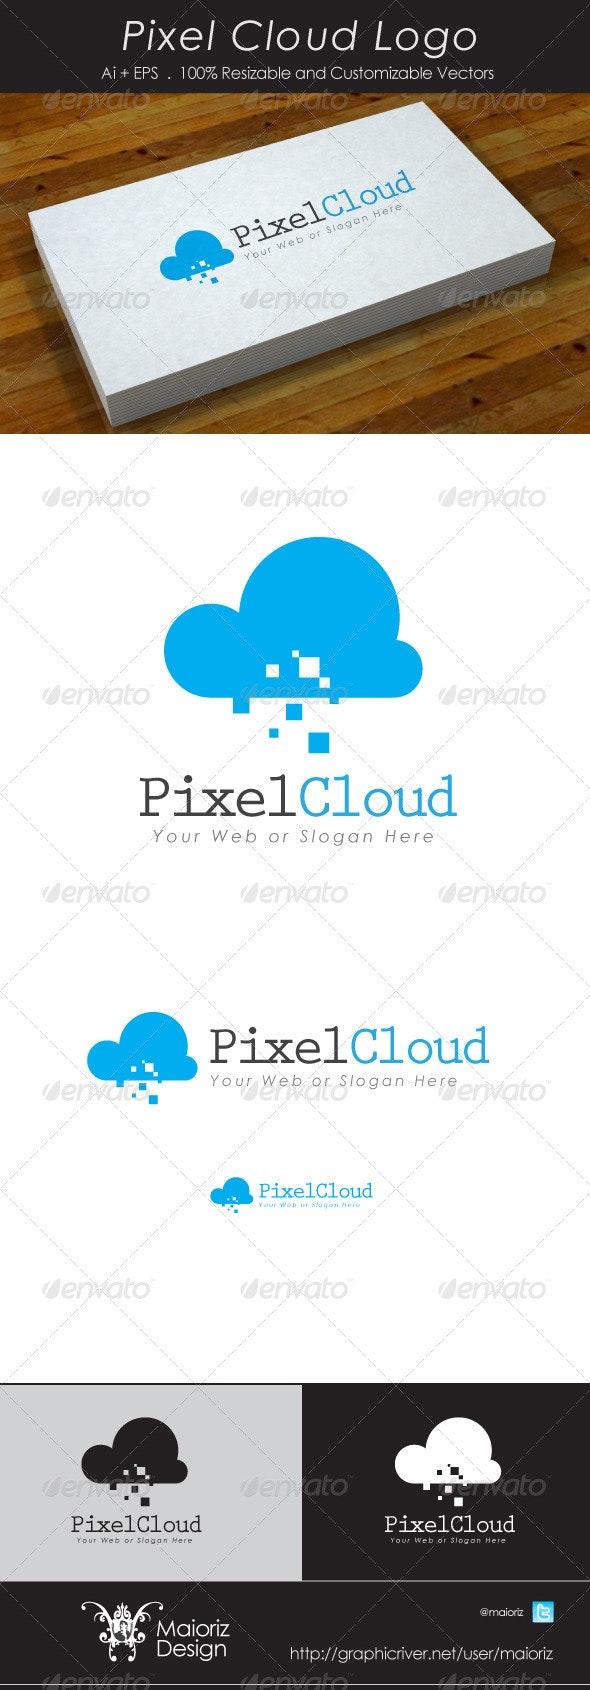 Pixel Cloud Logotype - Vector Abstract